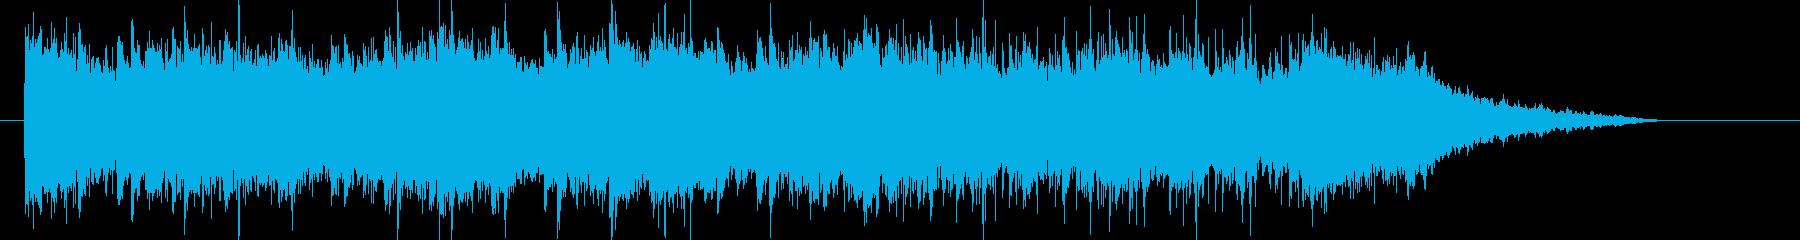 激しく壮大な和風音楽の再生済みの波形